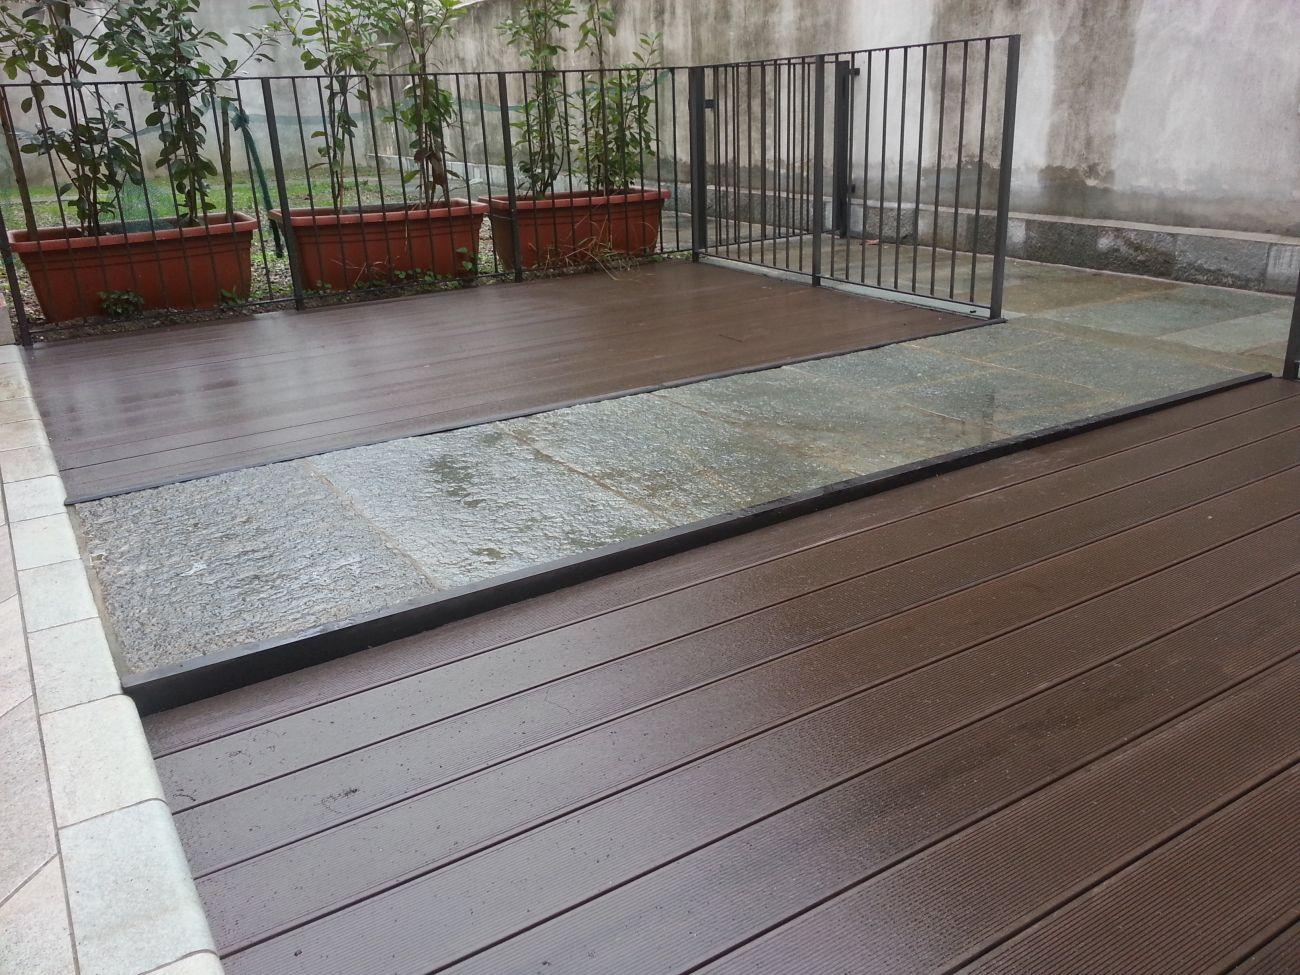 Parquet per esterni soriano pavimenti in legno - Rivestimenti balconi esterni ...